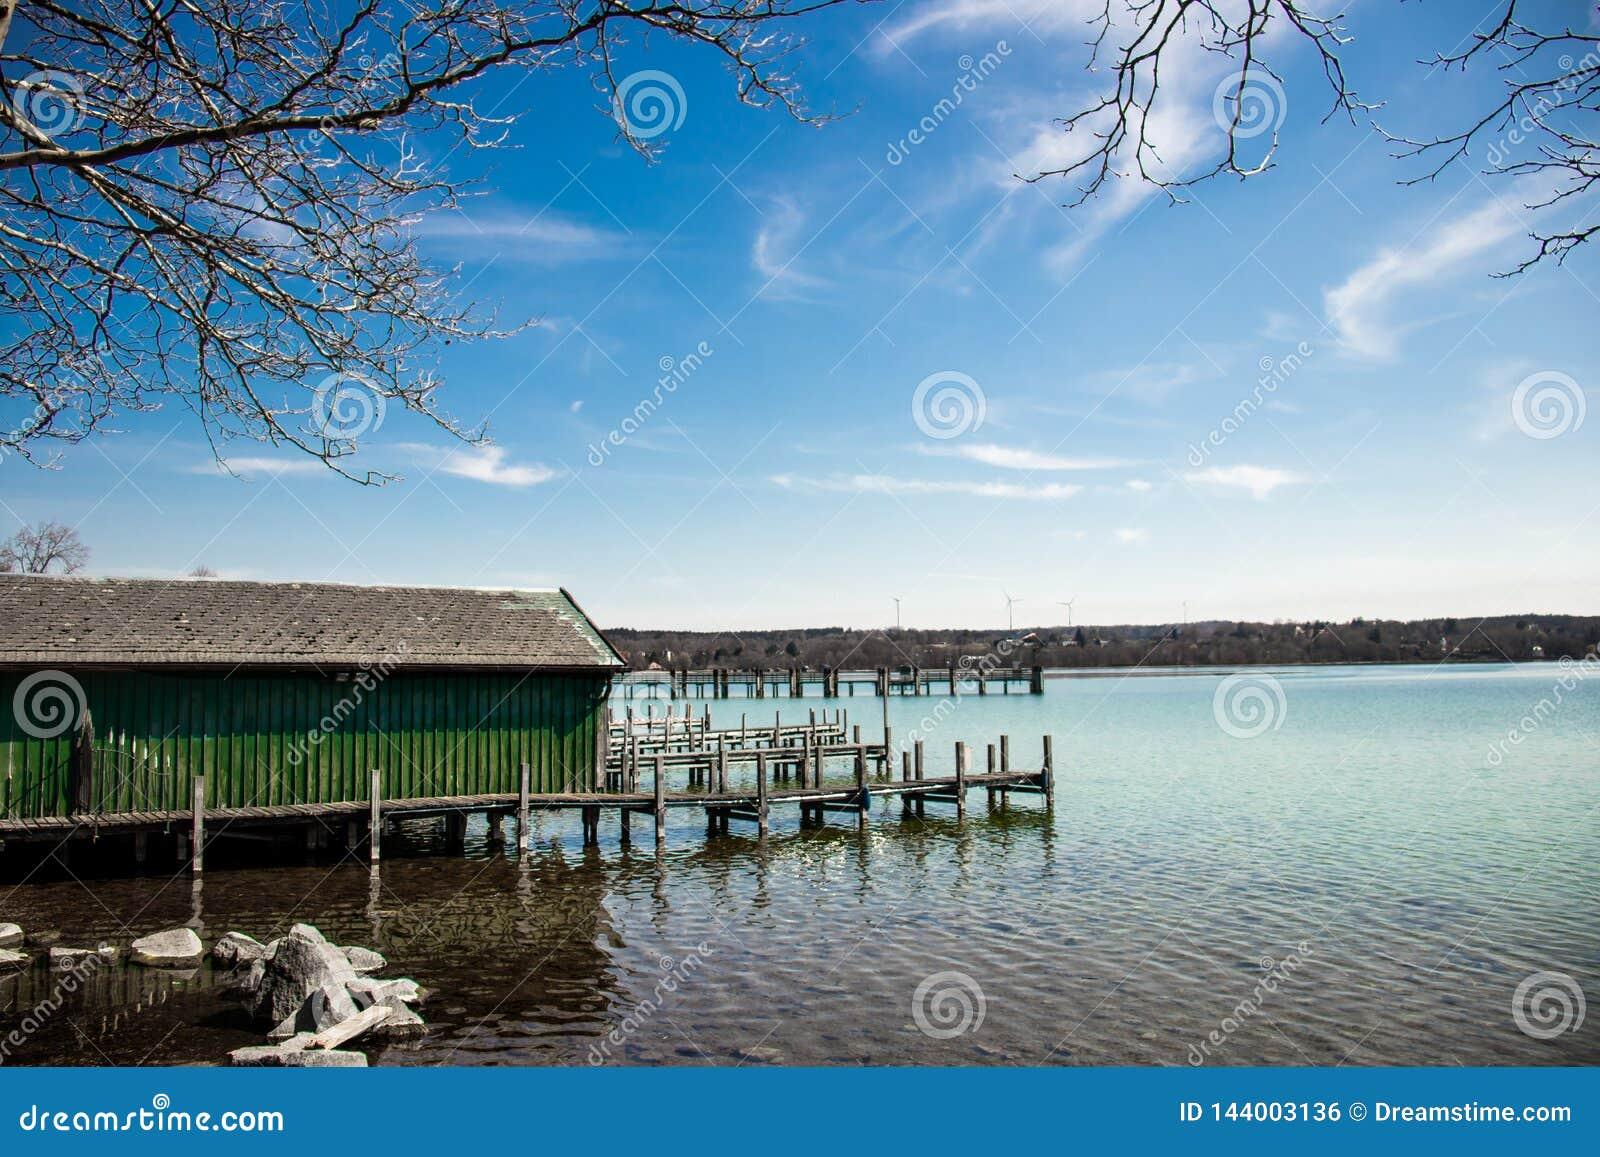 Docks am See in Starnberg, Deutschland